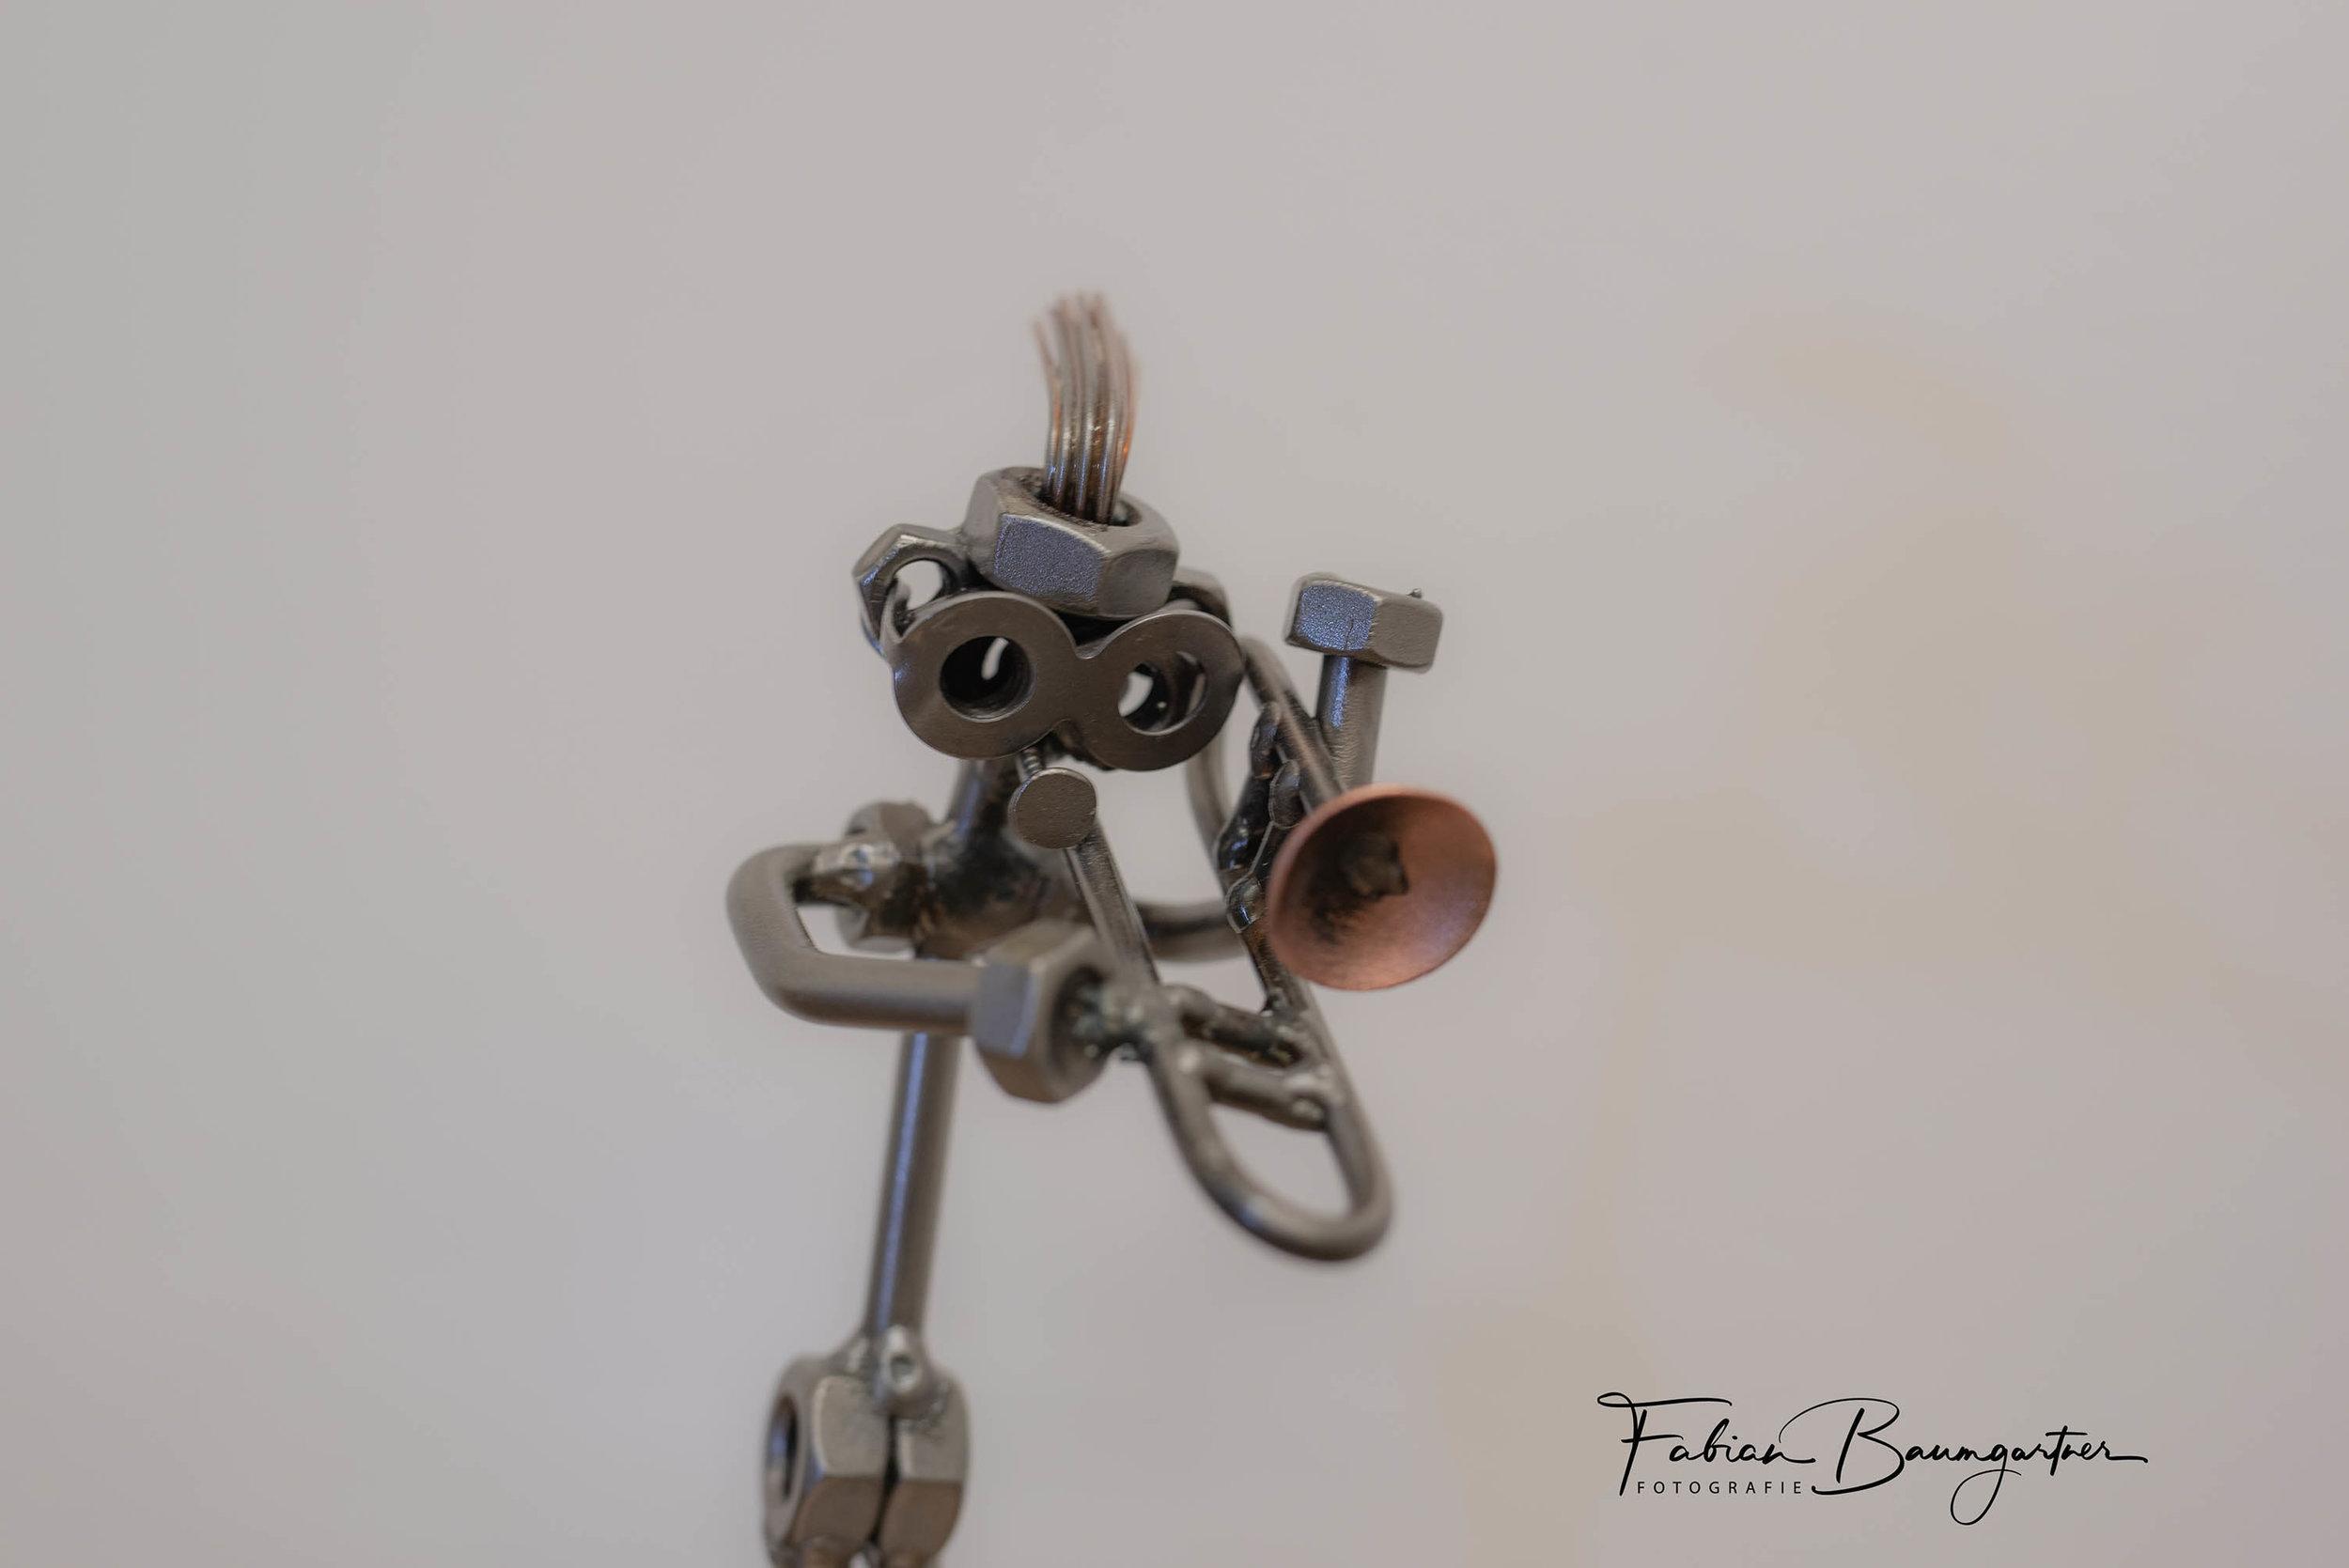 pokale-fbf-8.JPG